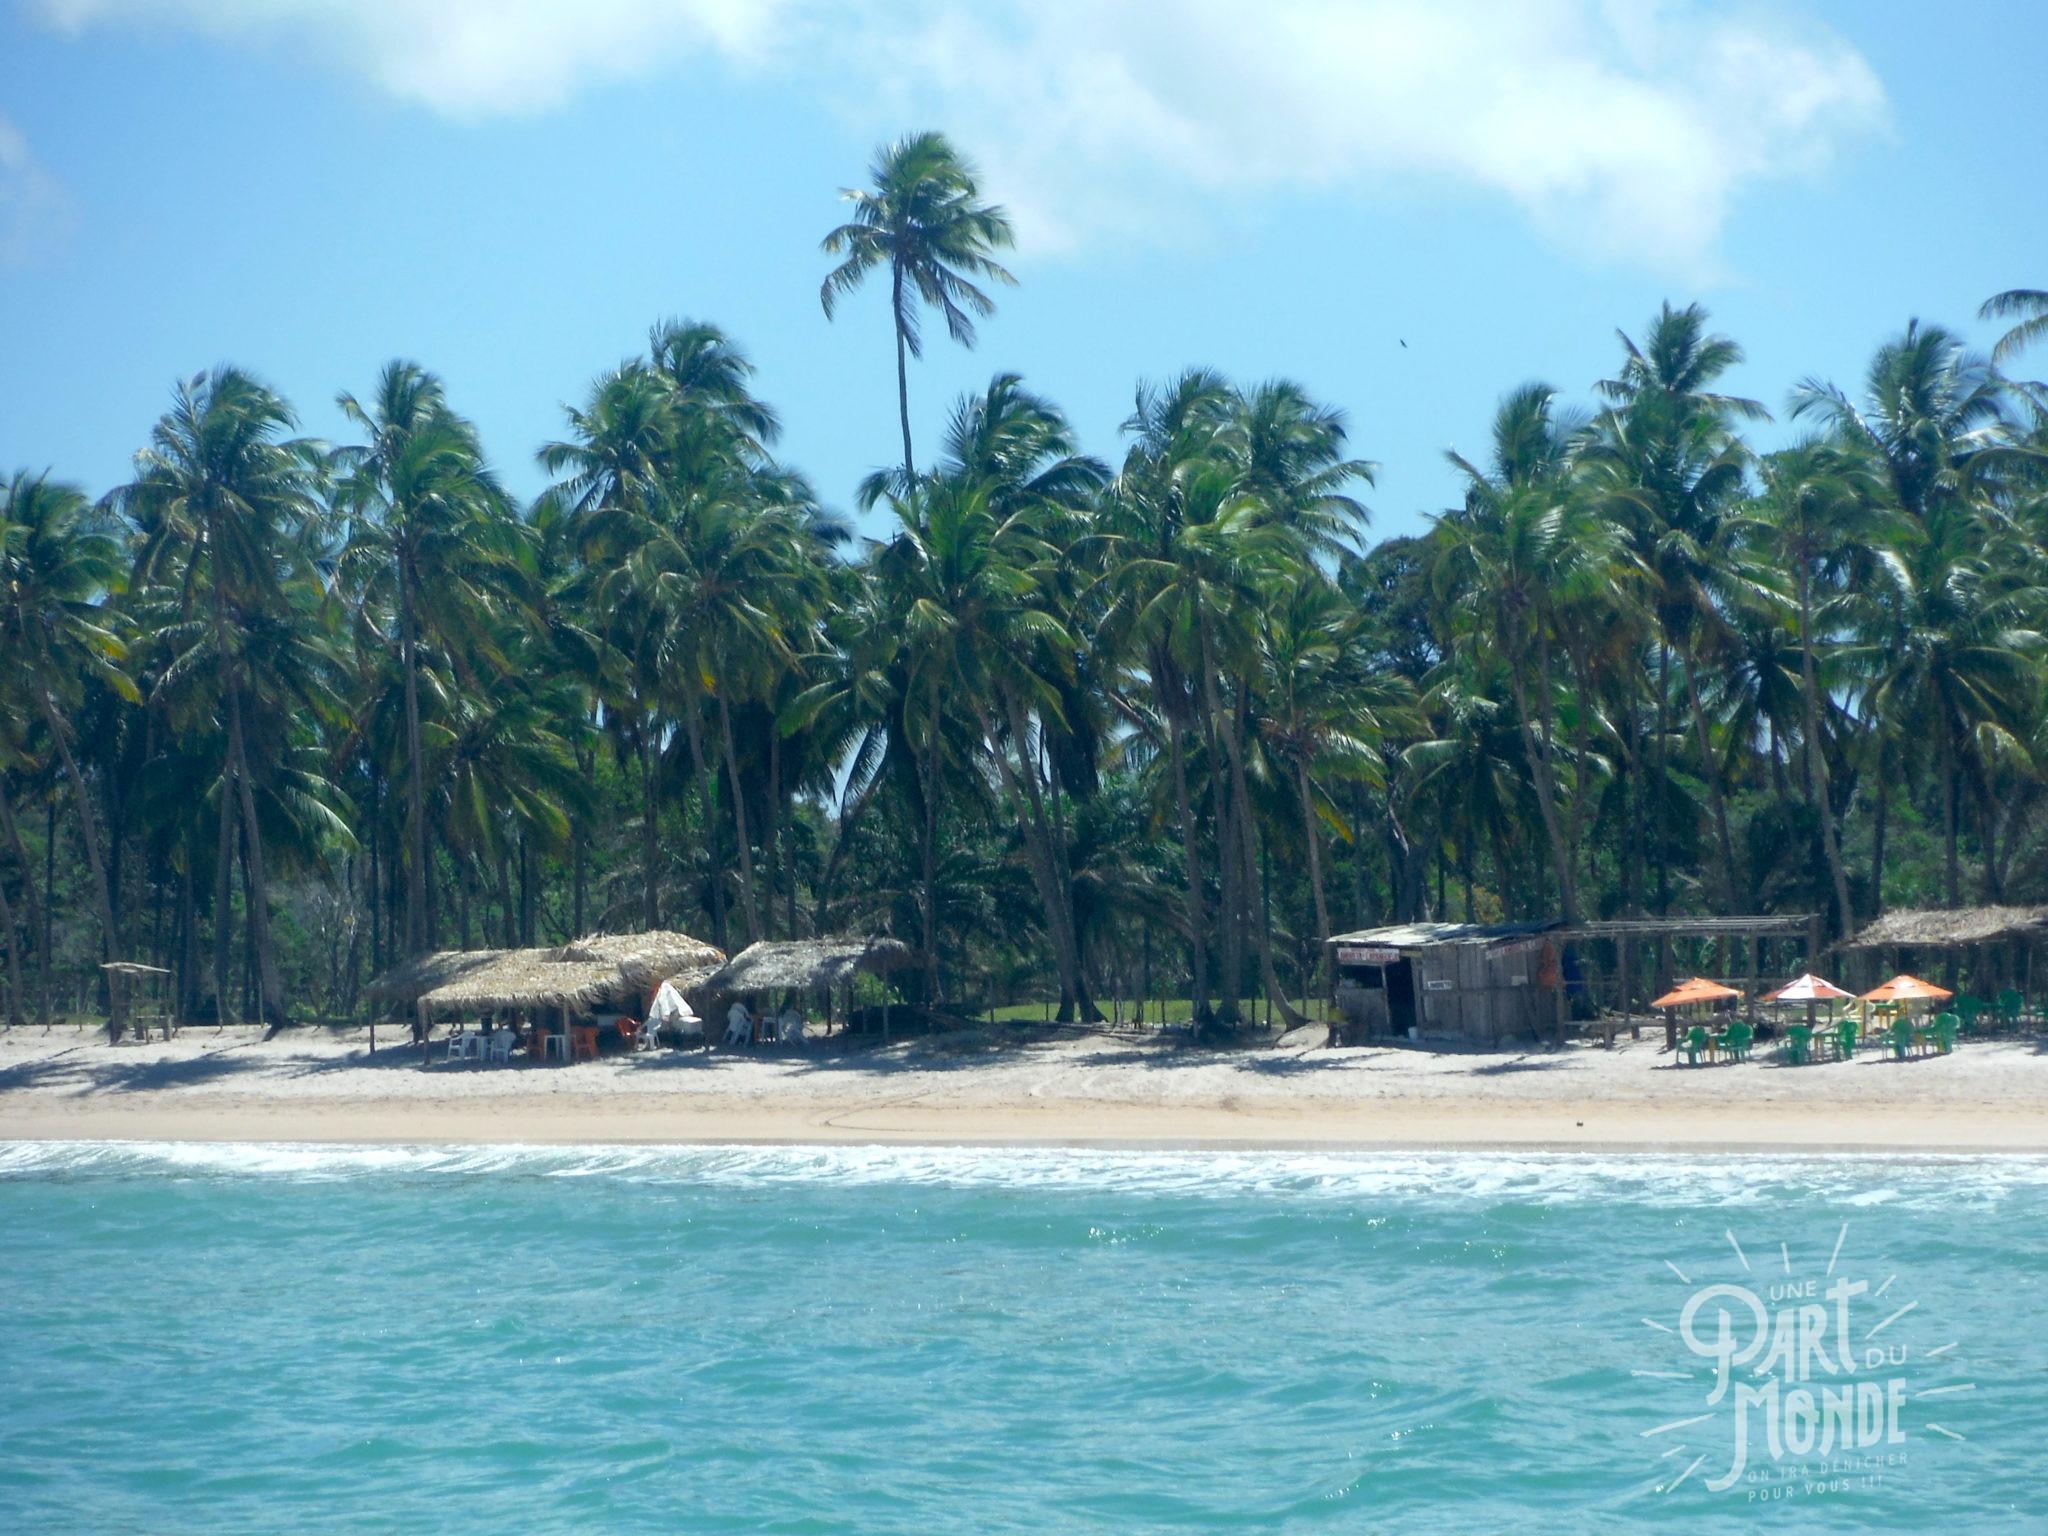 île de tinharé boipeba plage